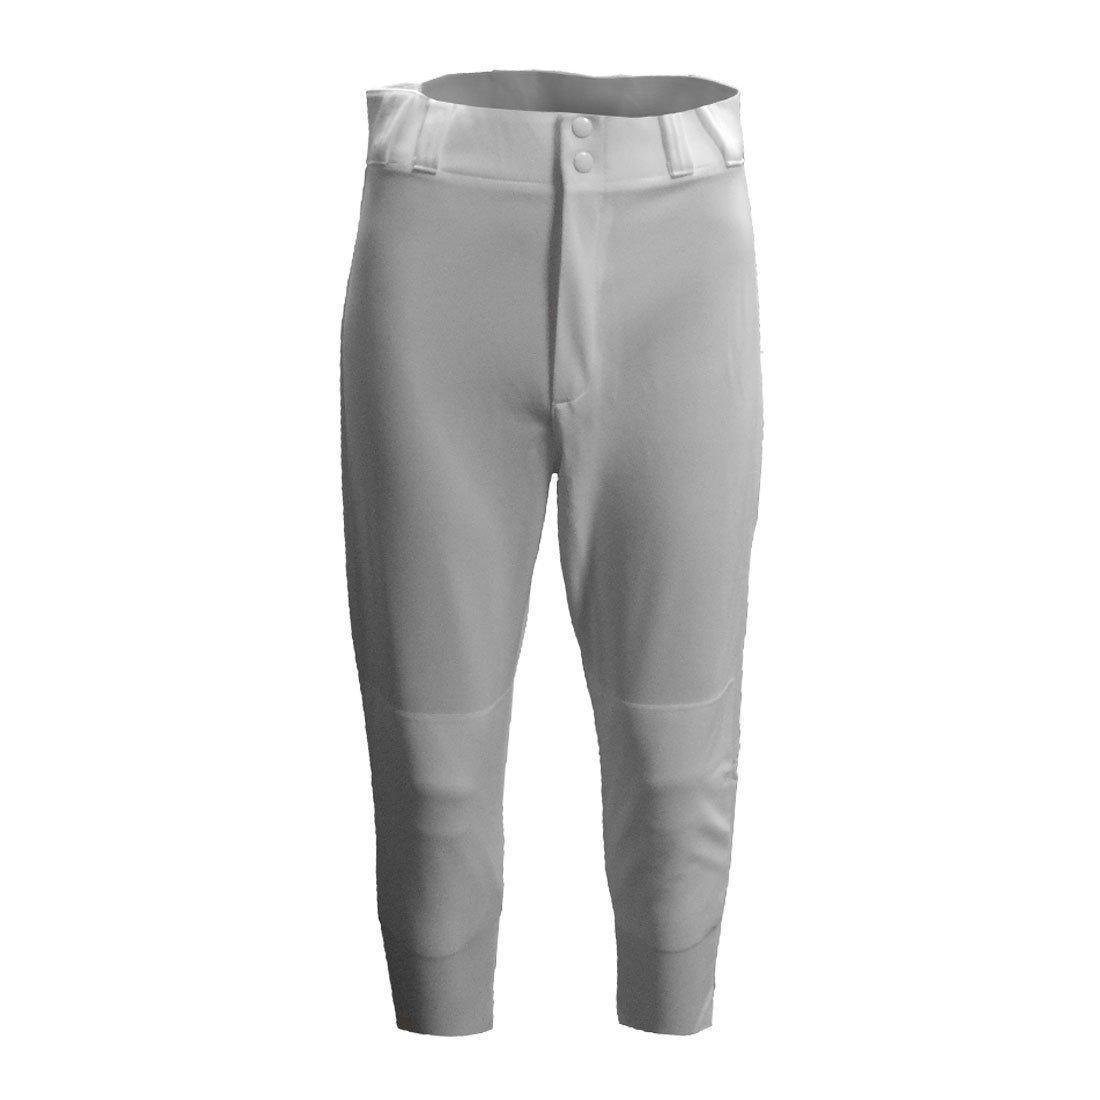 マジェスティック大人用Pro Style Baseballパンツ B01N5QOULL S|ホワイト ホワイト S